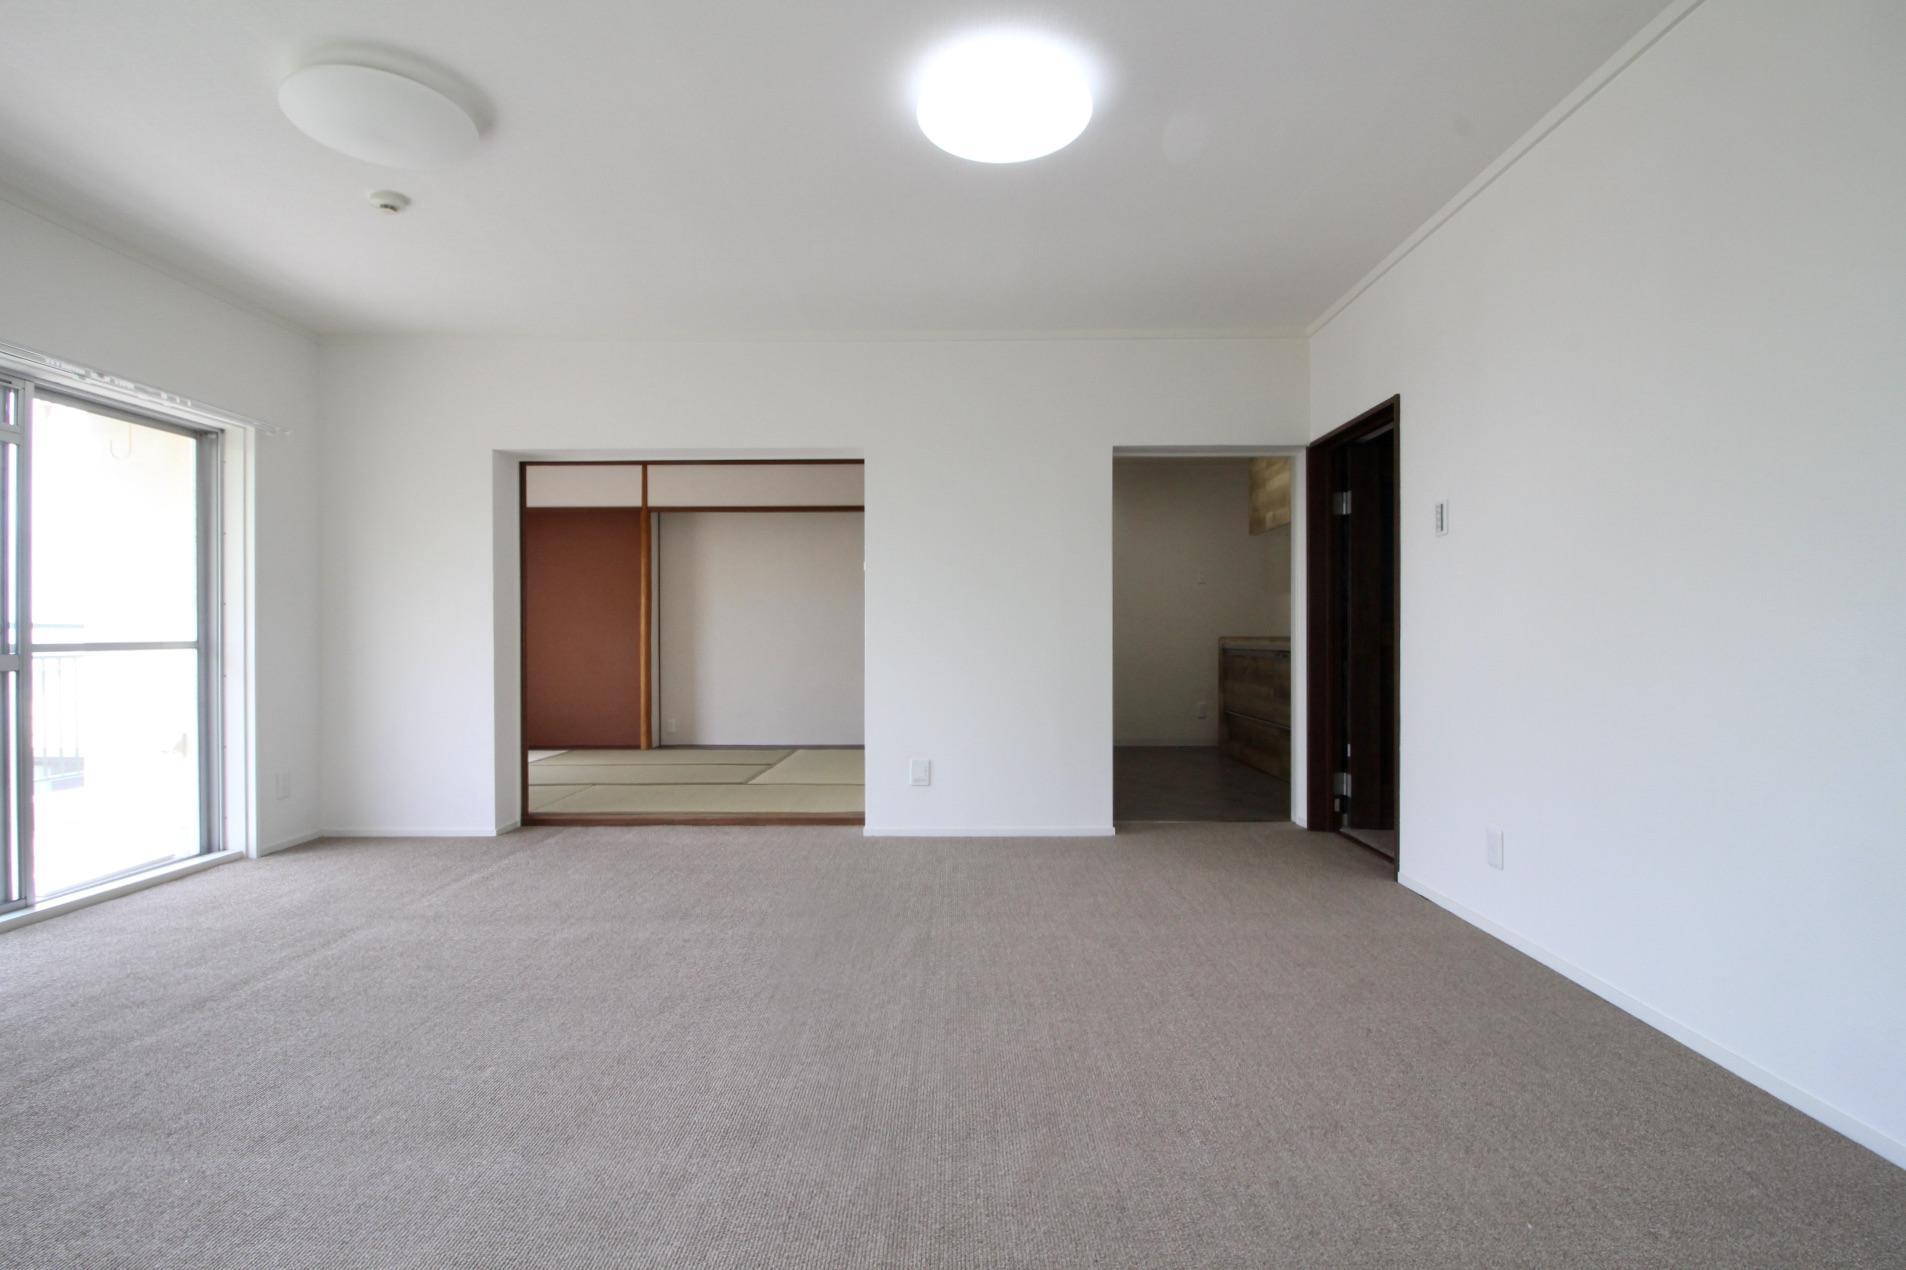 和室の壁を取っ払って開放的なLDKにしたい